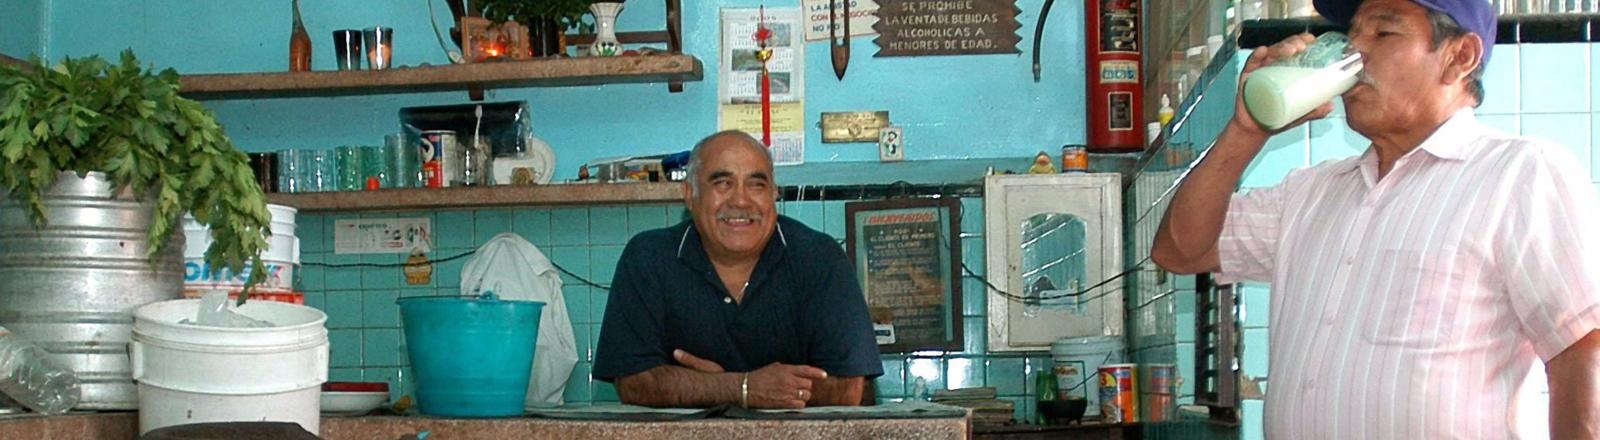 Männer in einer Bar in Mexiko trinken Pulque